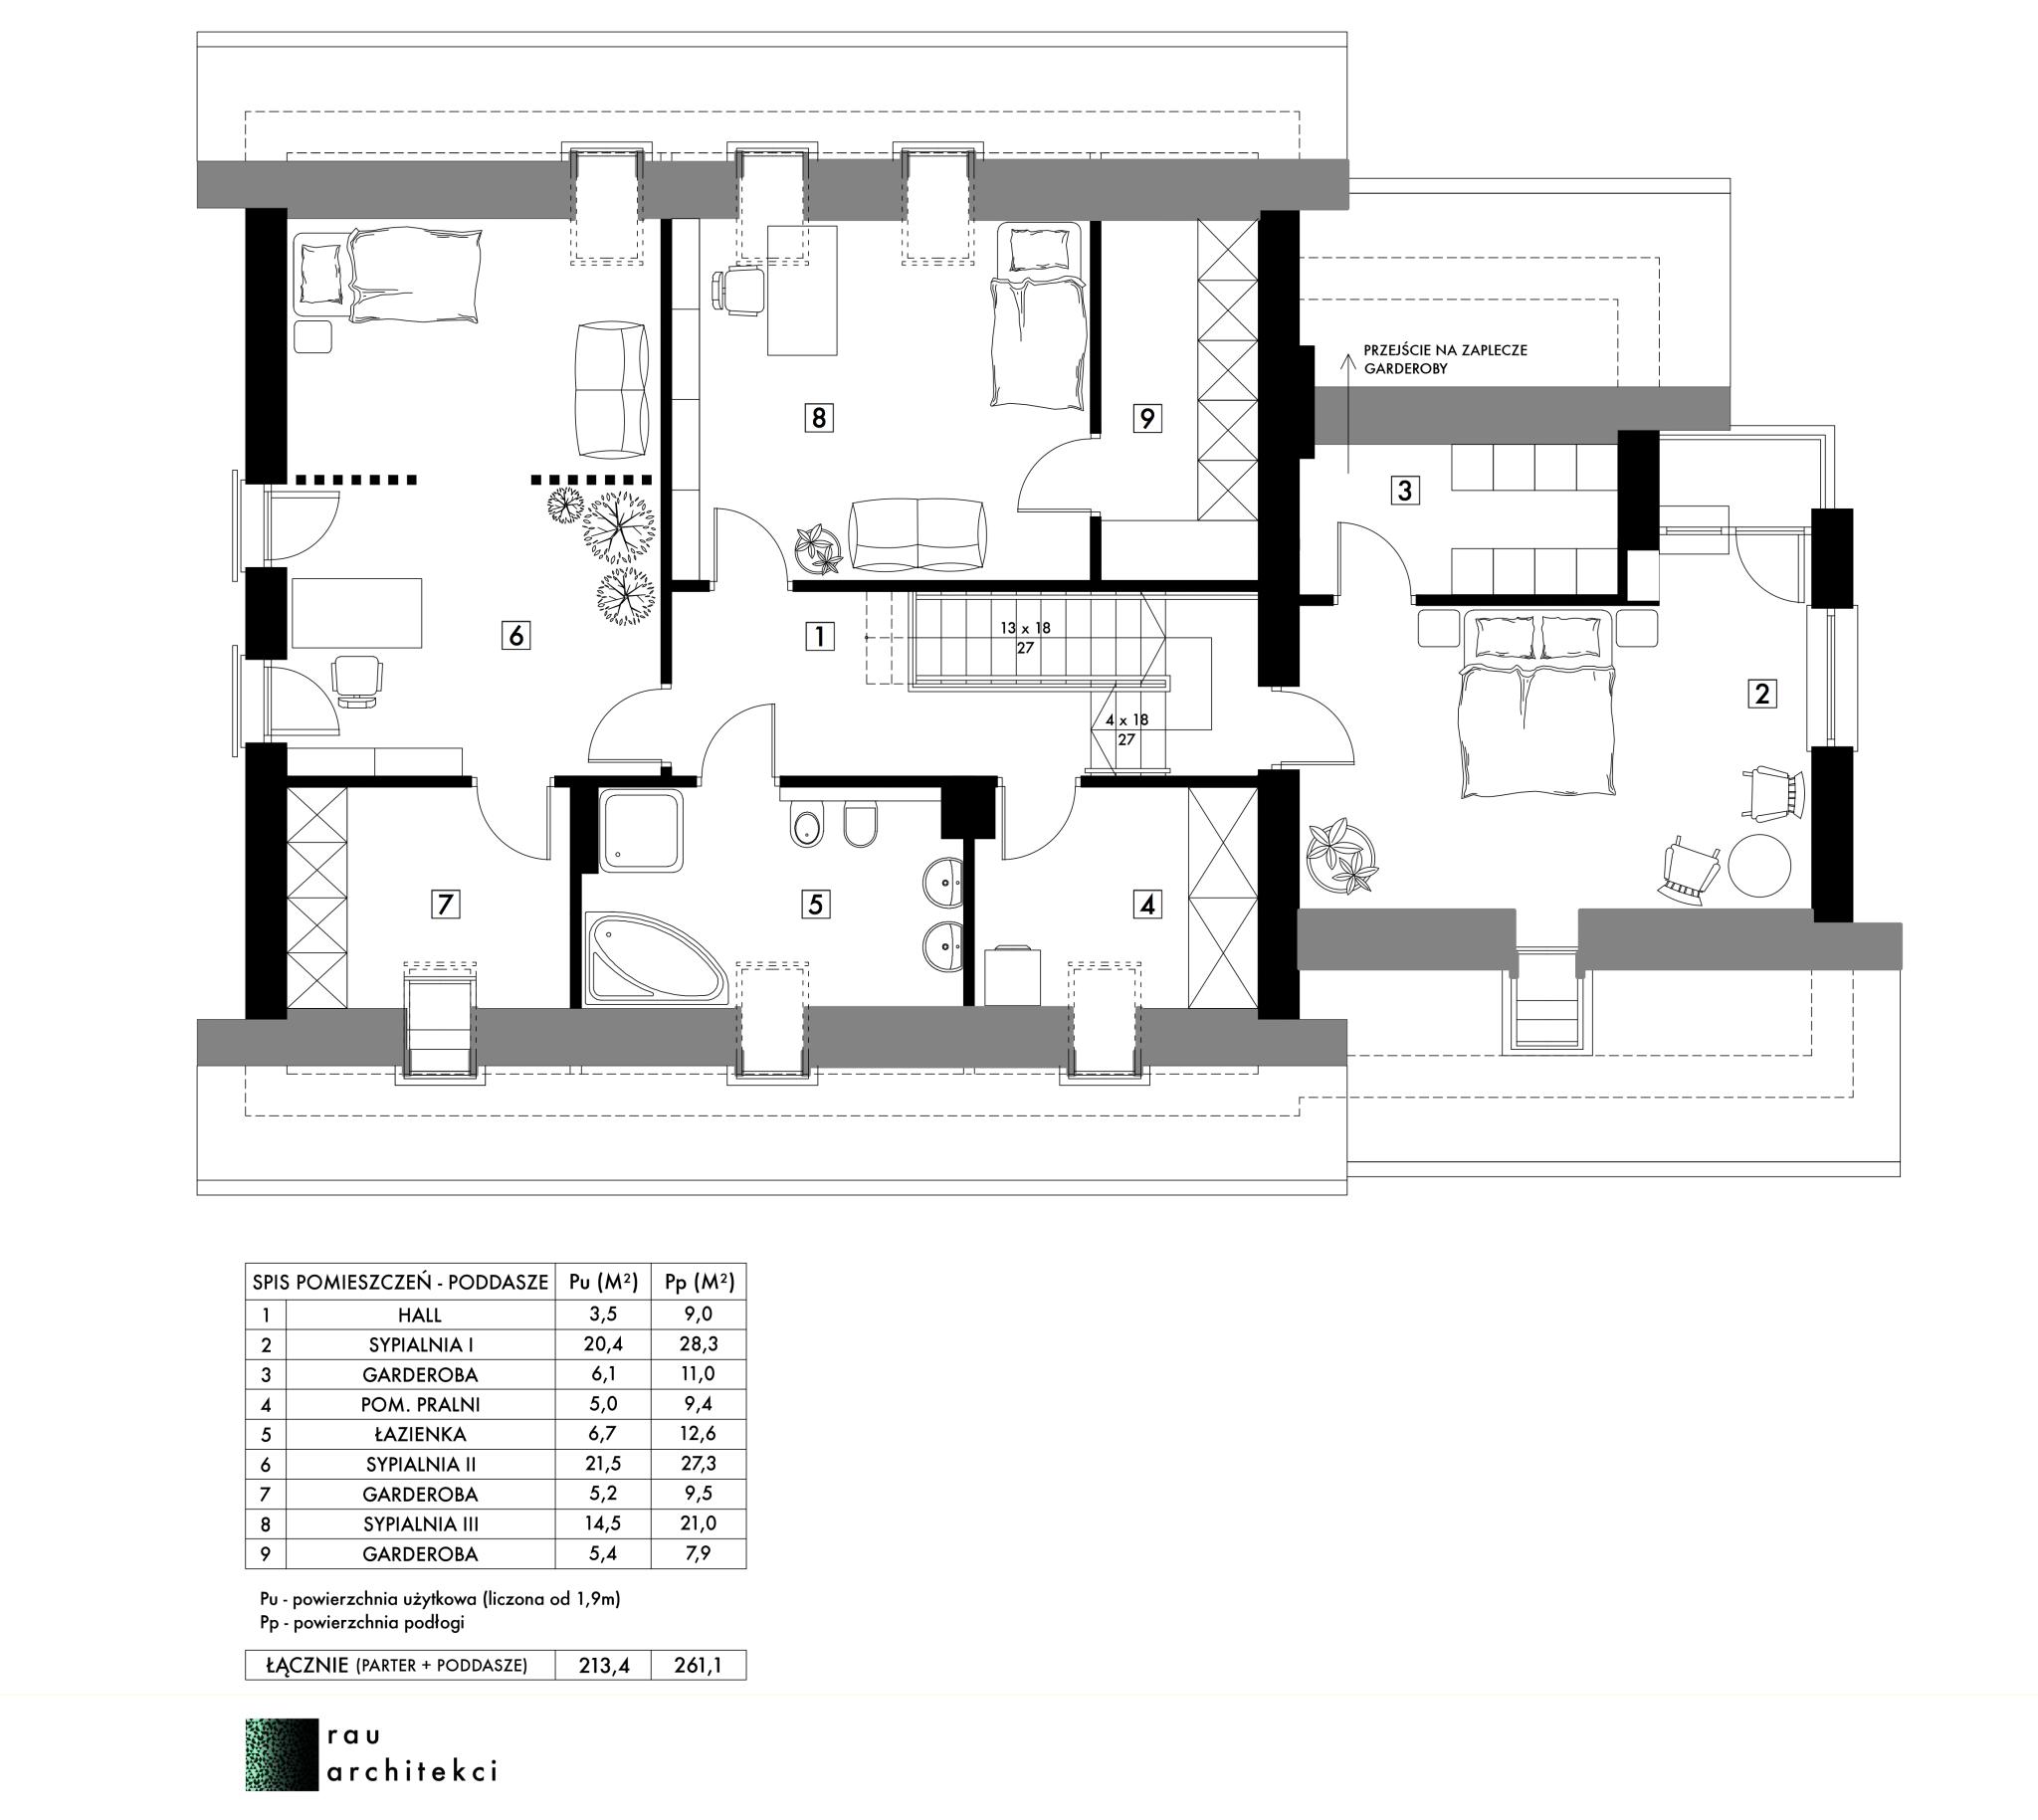 dom jednorodzinny poddasze